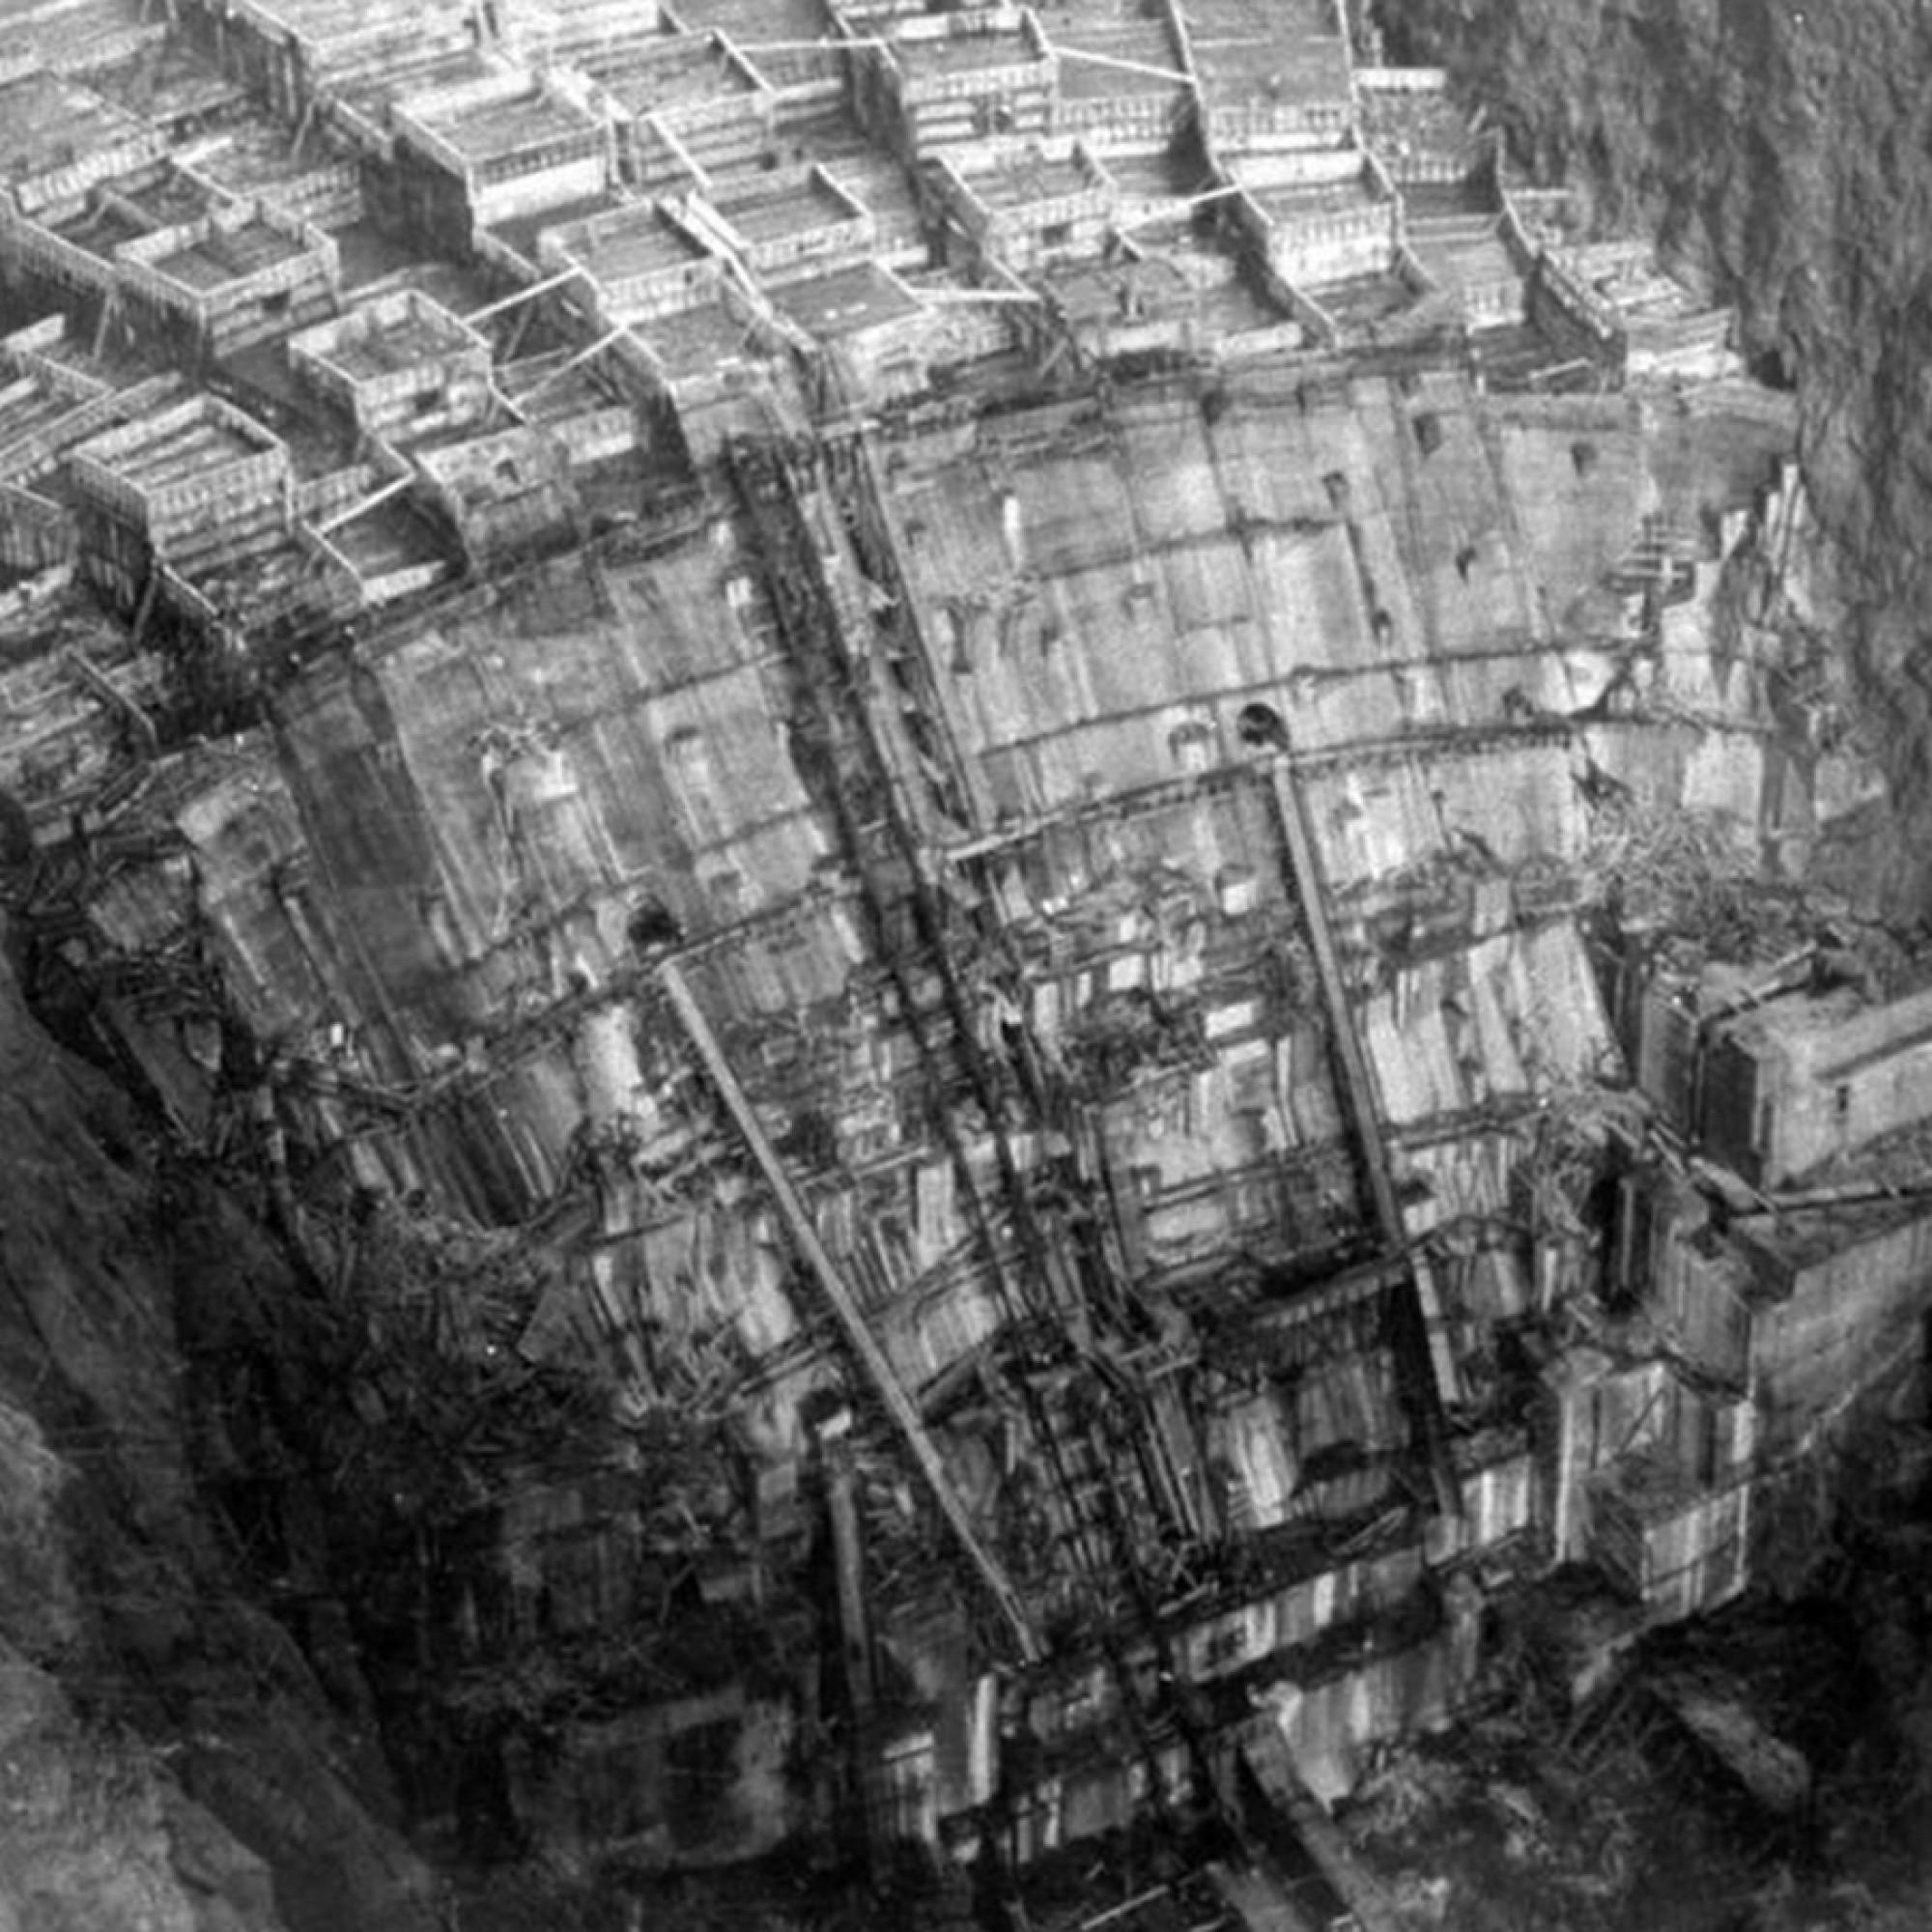 Der Hoover Dam während der Bauphase um 1934.Diese Aufnahme von 1934 zeigt den Hoover Dam – eine Talsperre auf der Grenze zwischen den US-Bundesstaaten Nevada und Arizona. Zu diesem Zeitpunkt befand sich das Bauwerk gerade in der Bauphase.